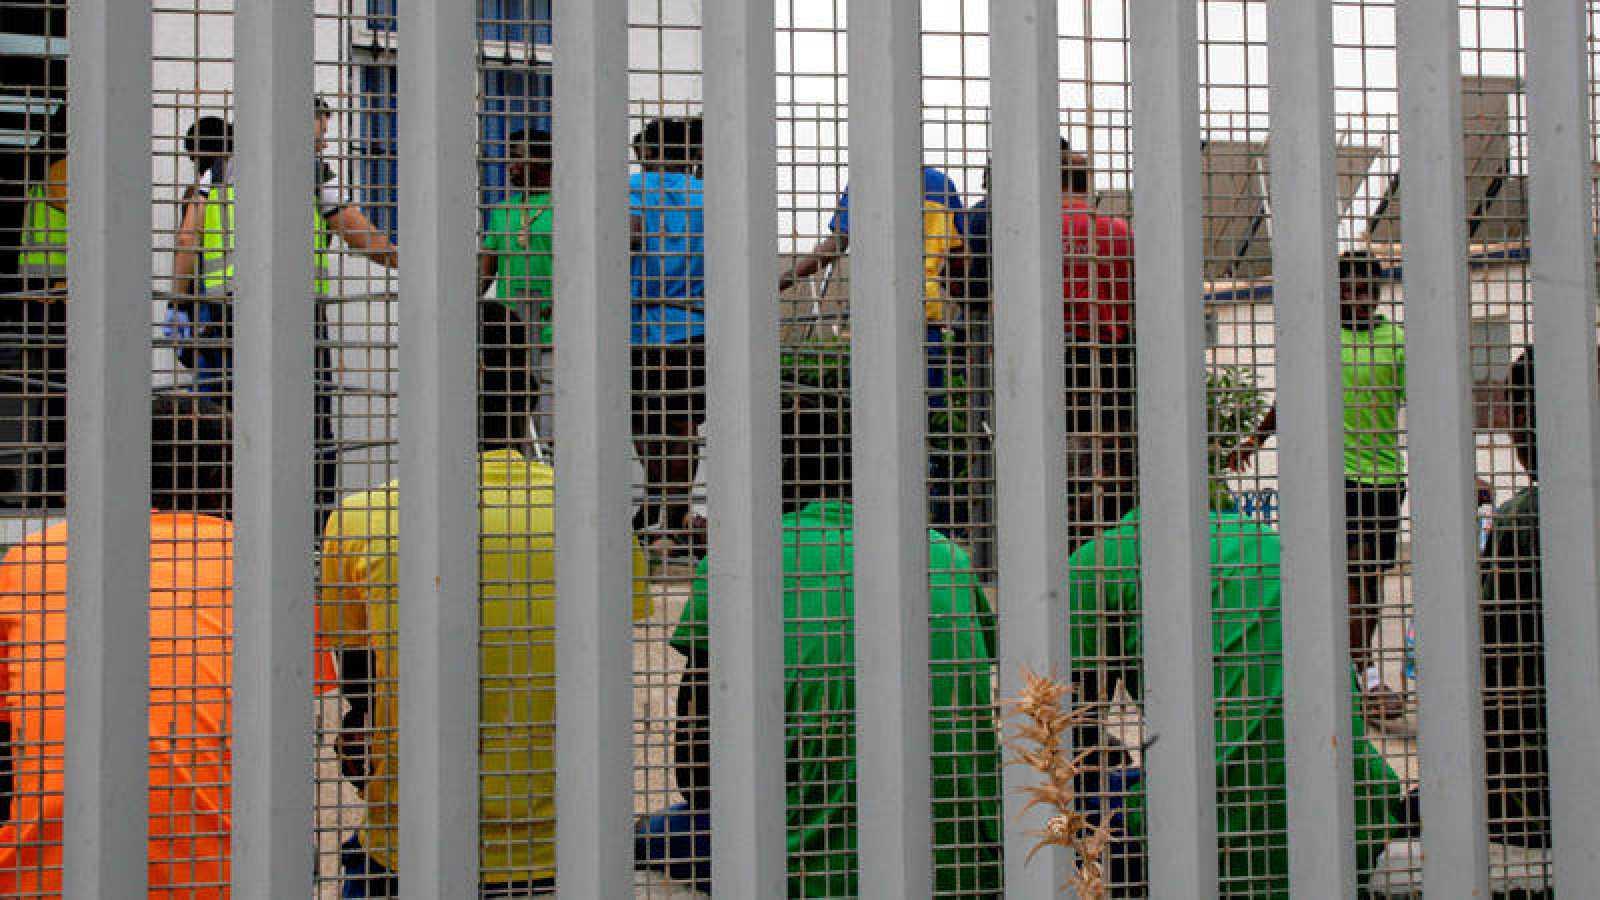 Un grupo de inmigrantes subsaharianos, tras el muro del Centro de Estancia Temporal de Inmigrantes (CETI)